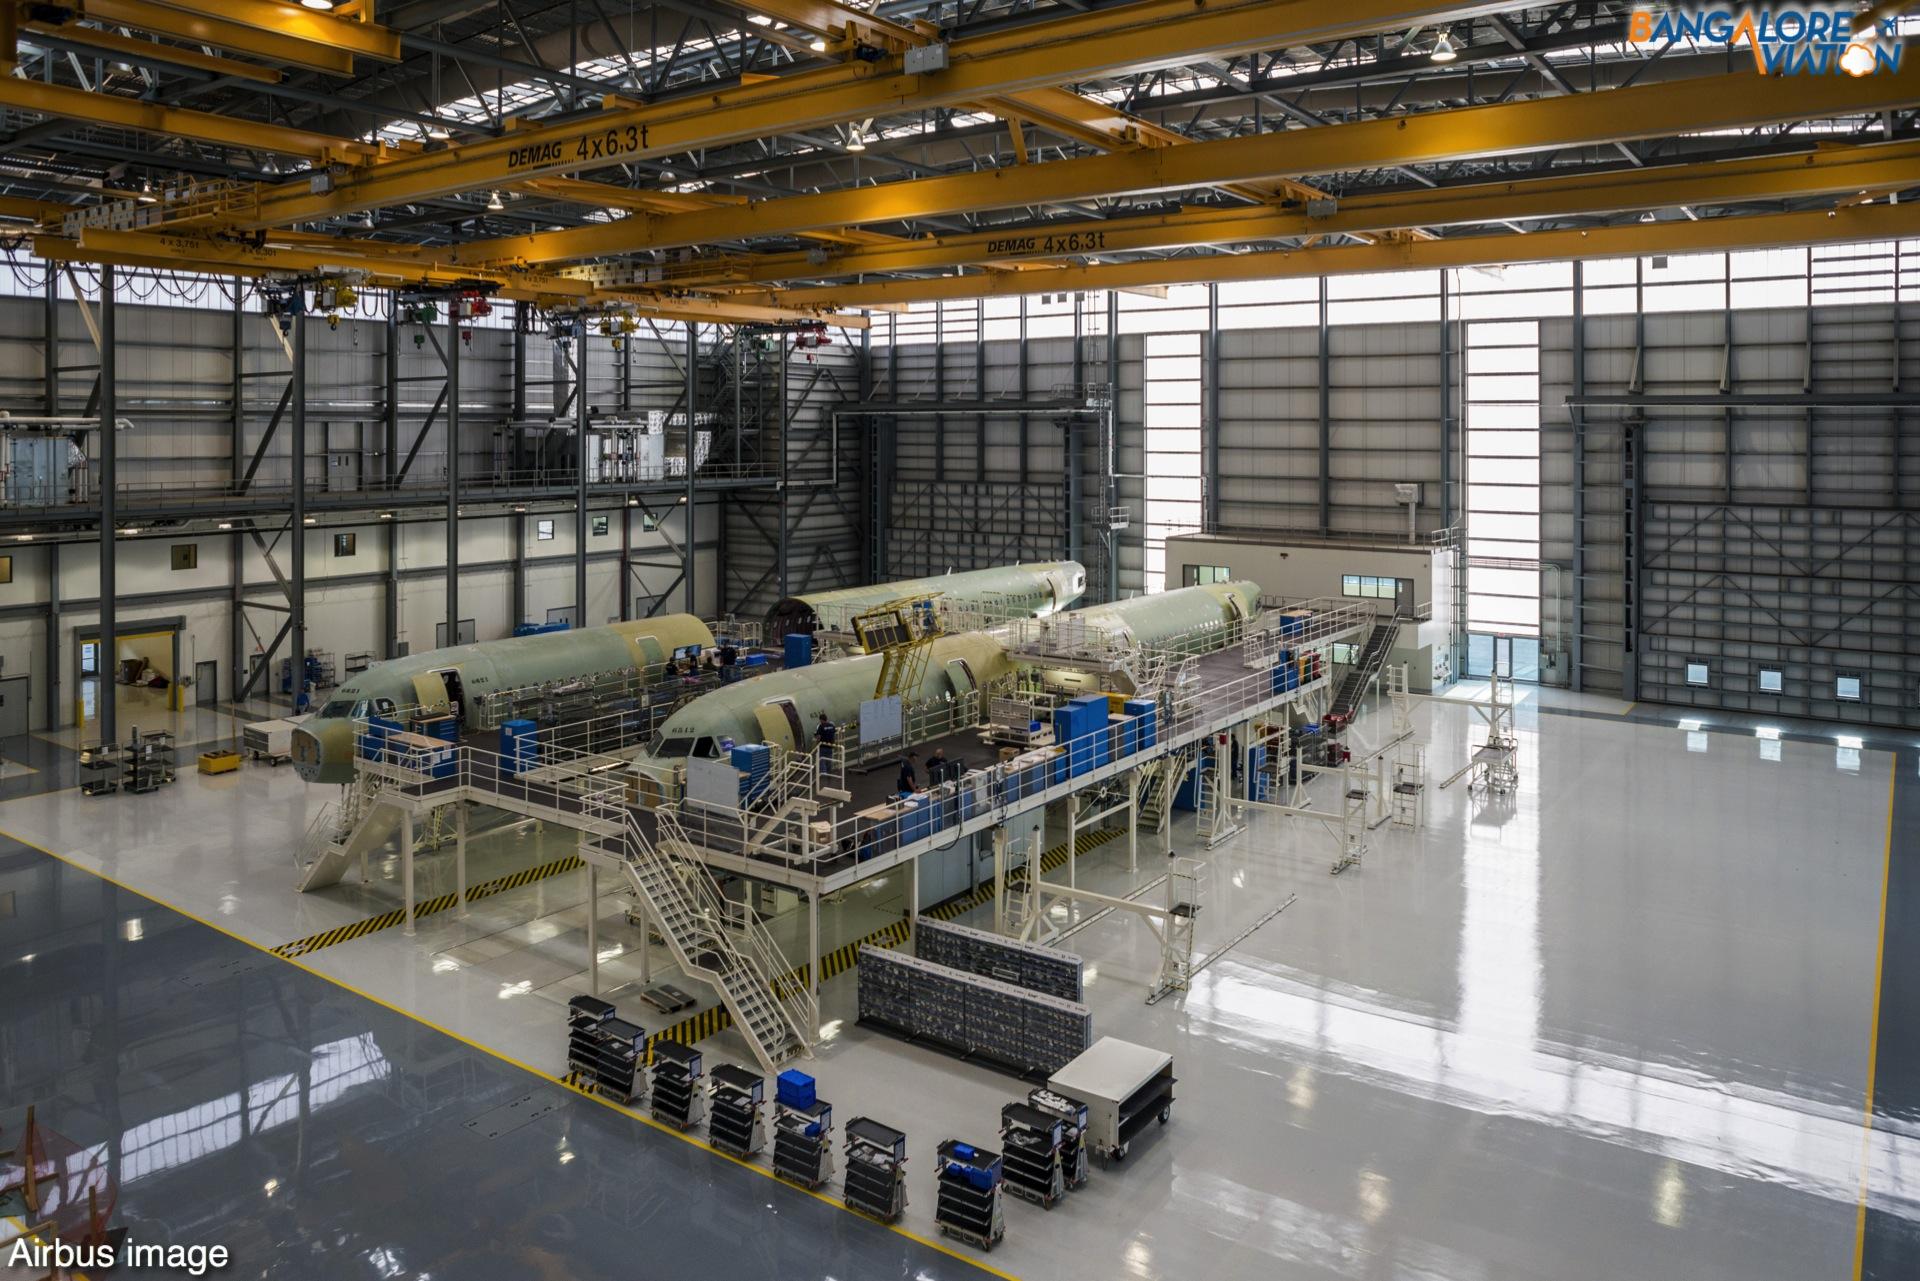 Airbus U.S. Manufacturing Facility. Airbus image.